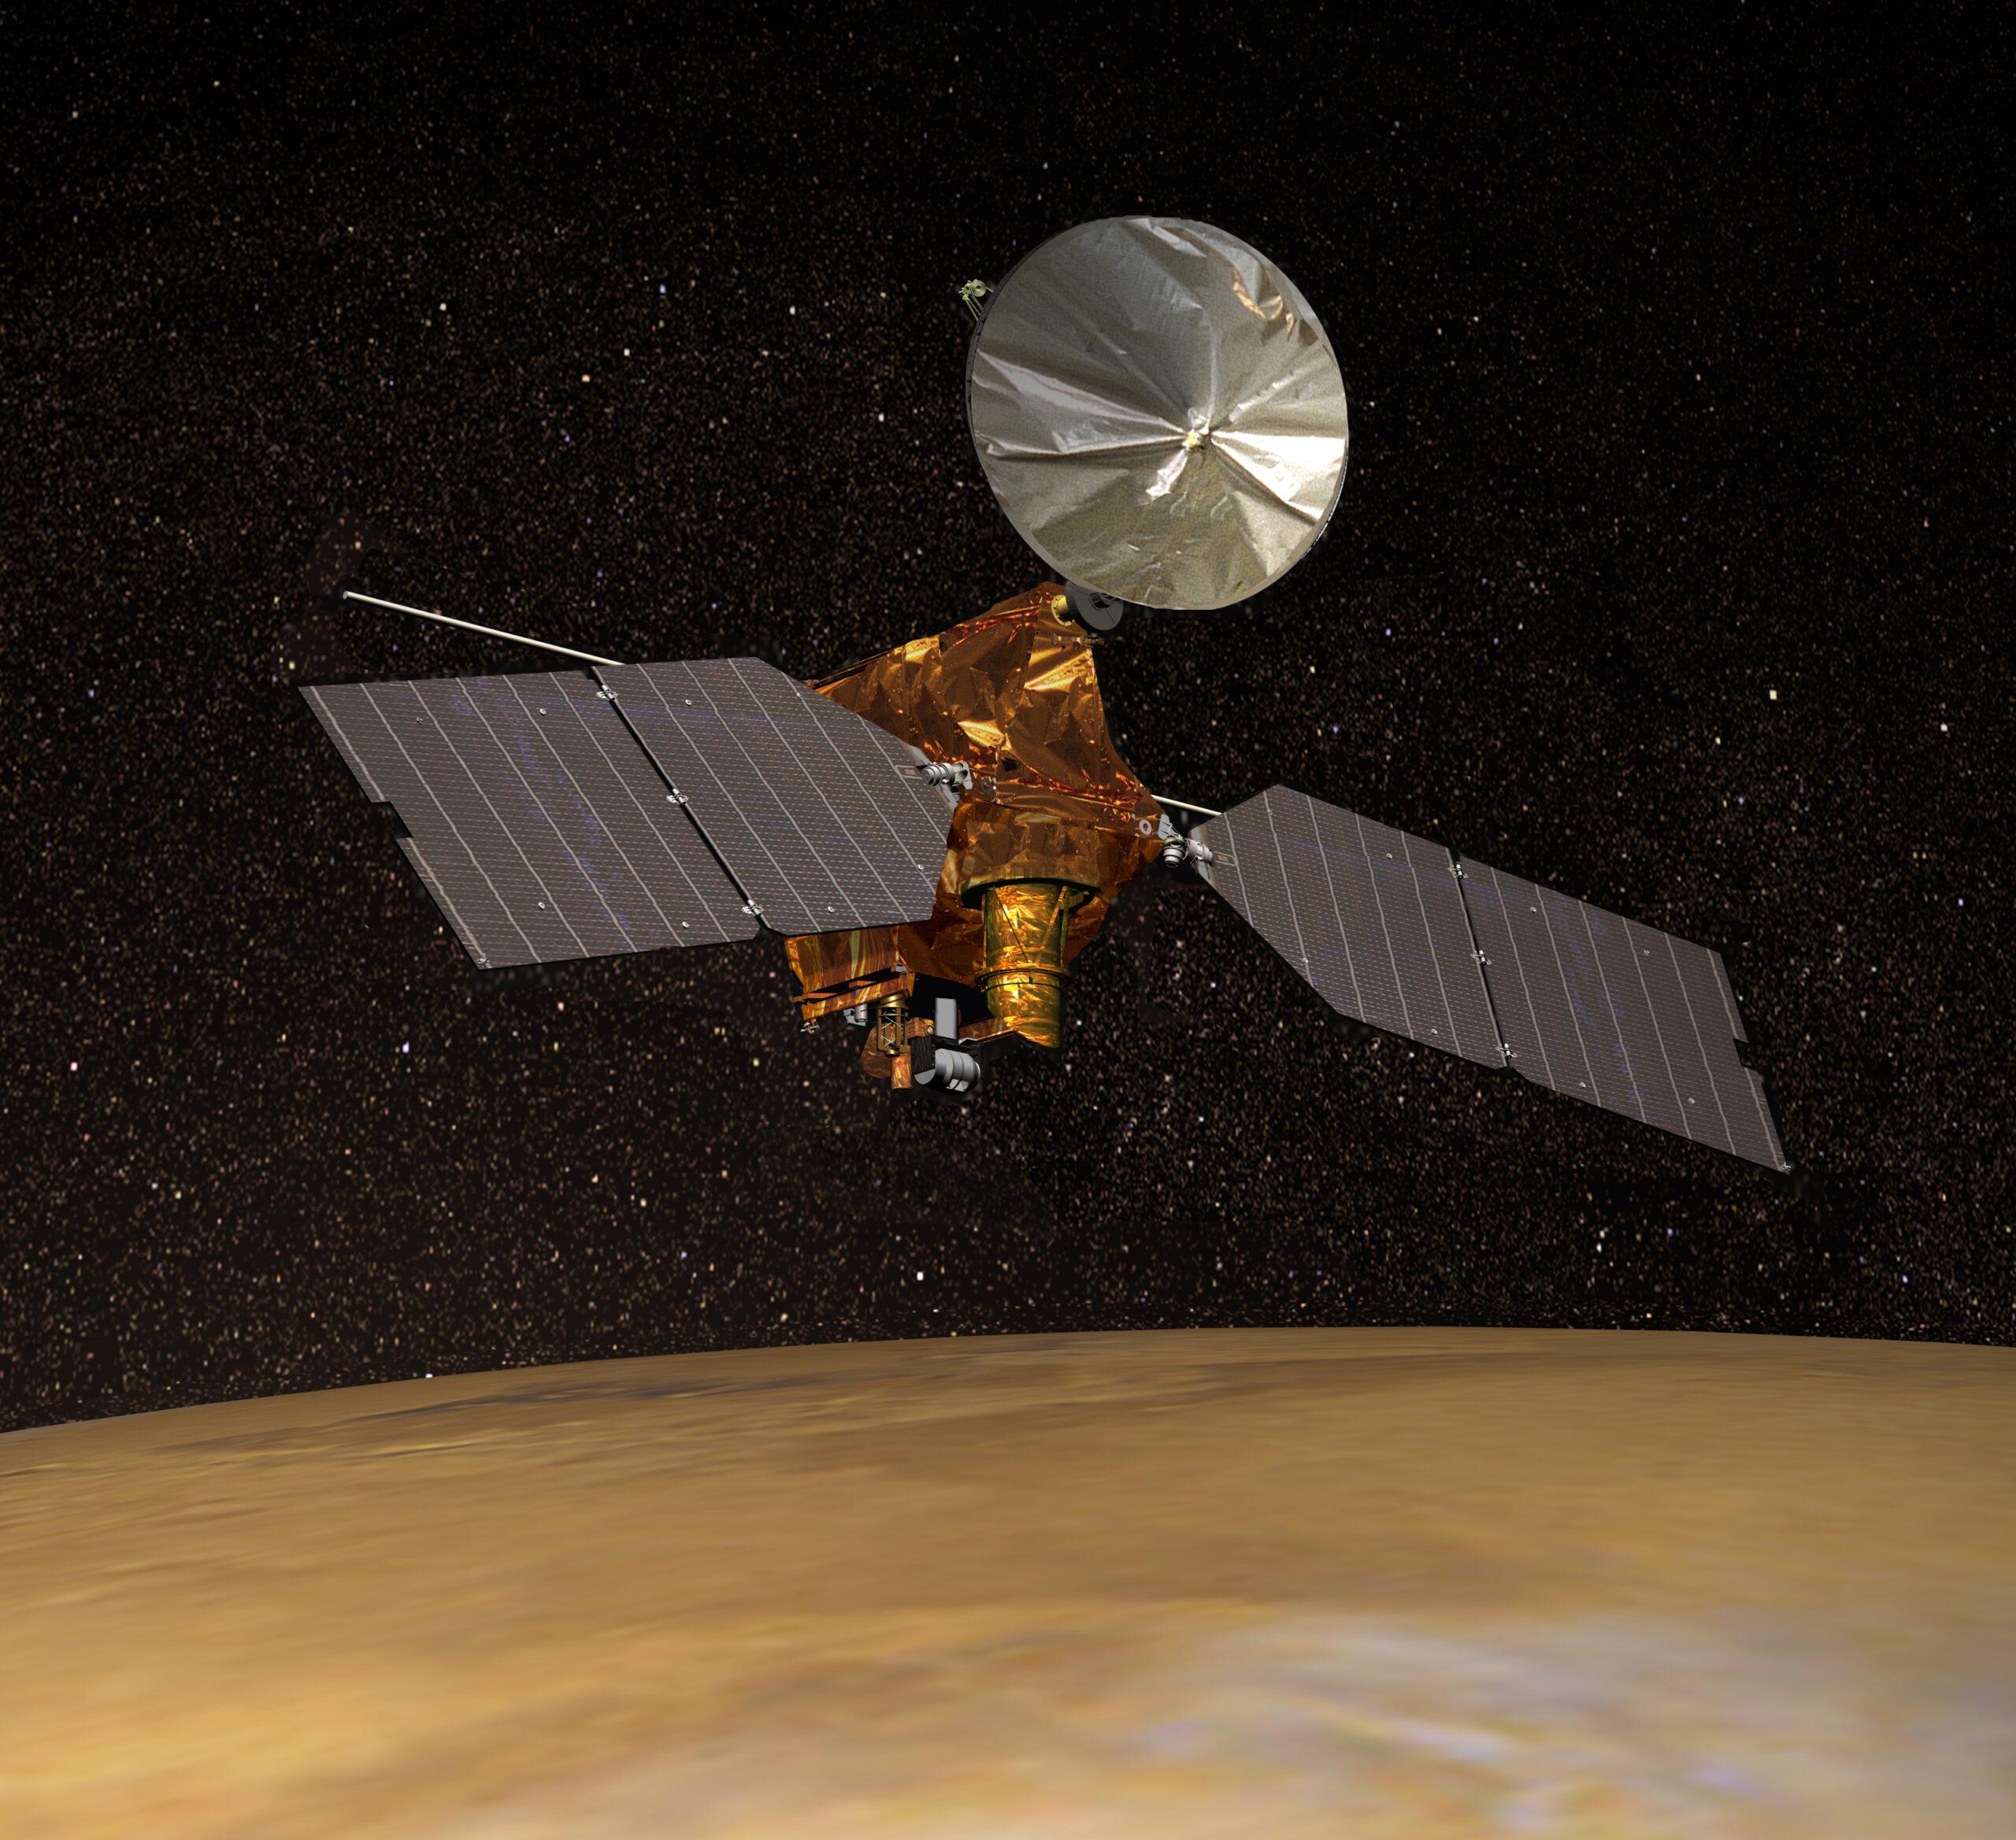 NASA may change 'MRO orbit' to help Mars 2020